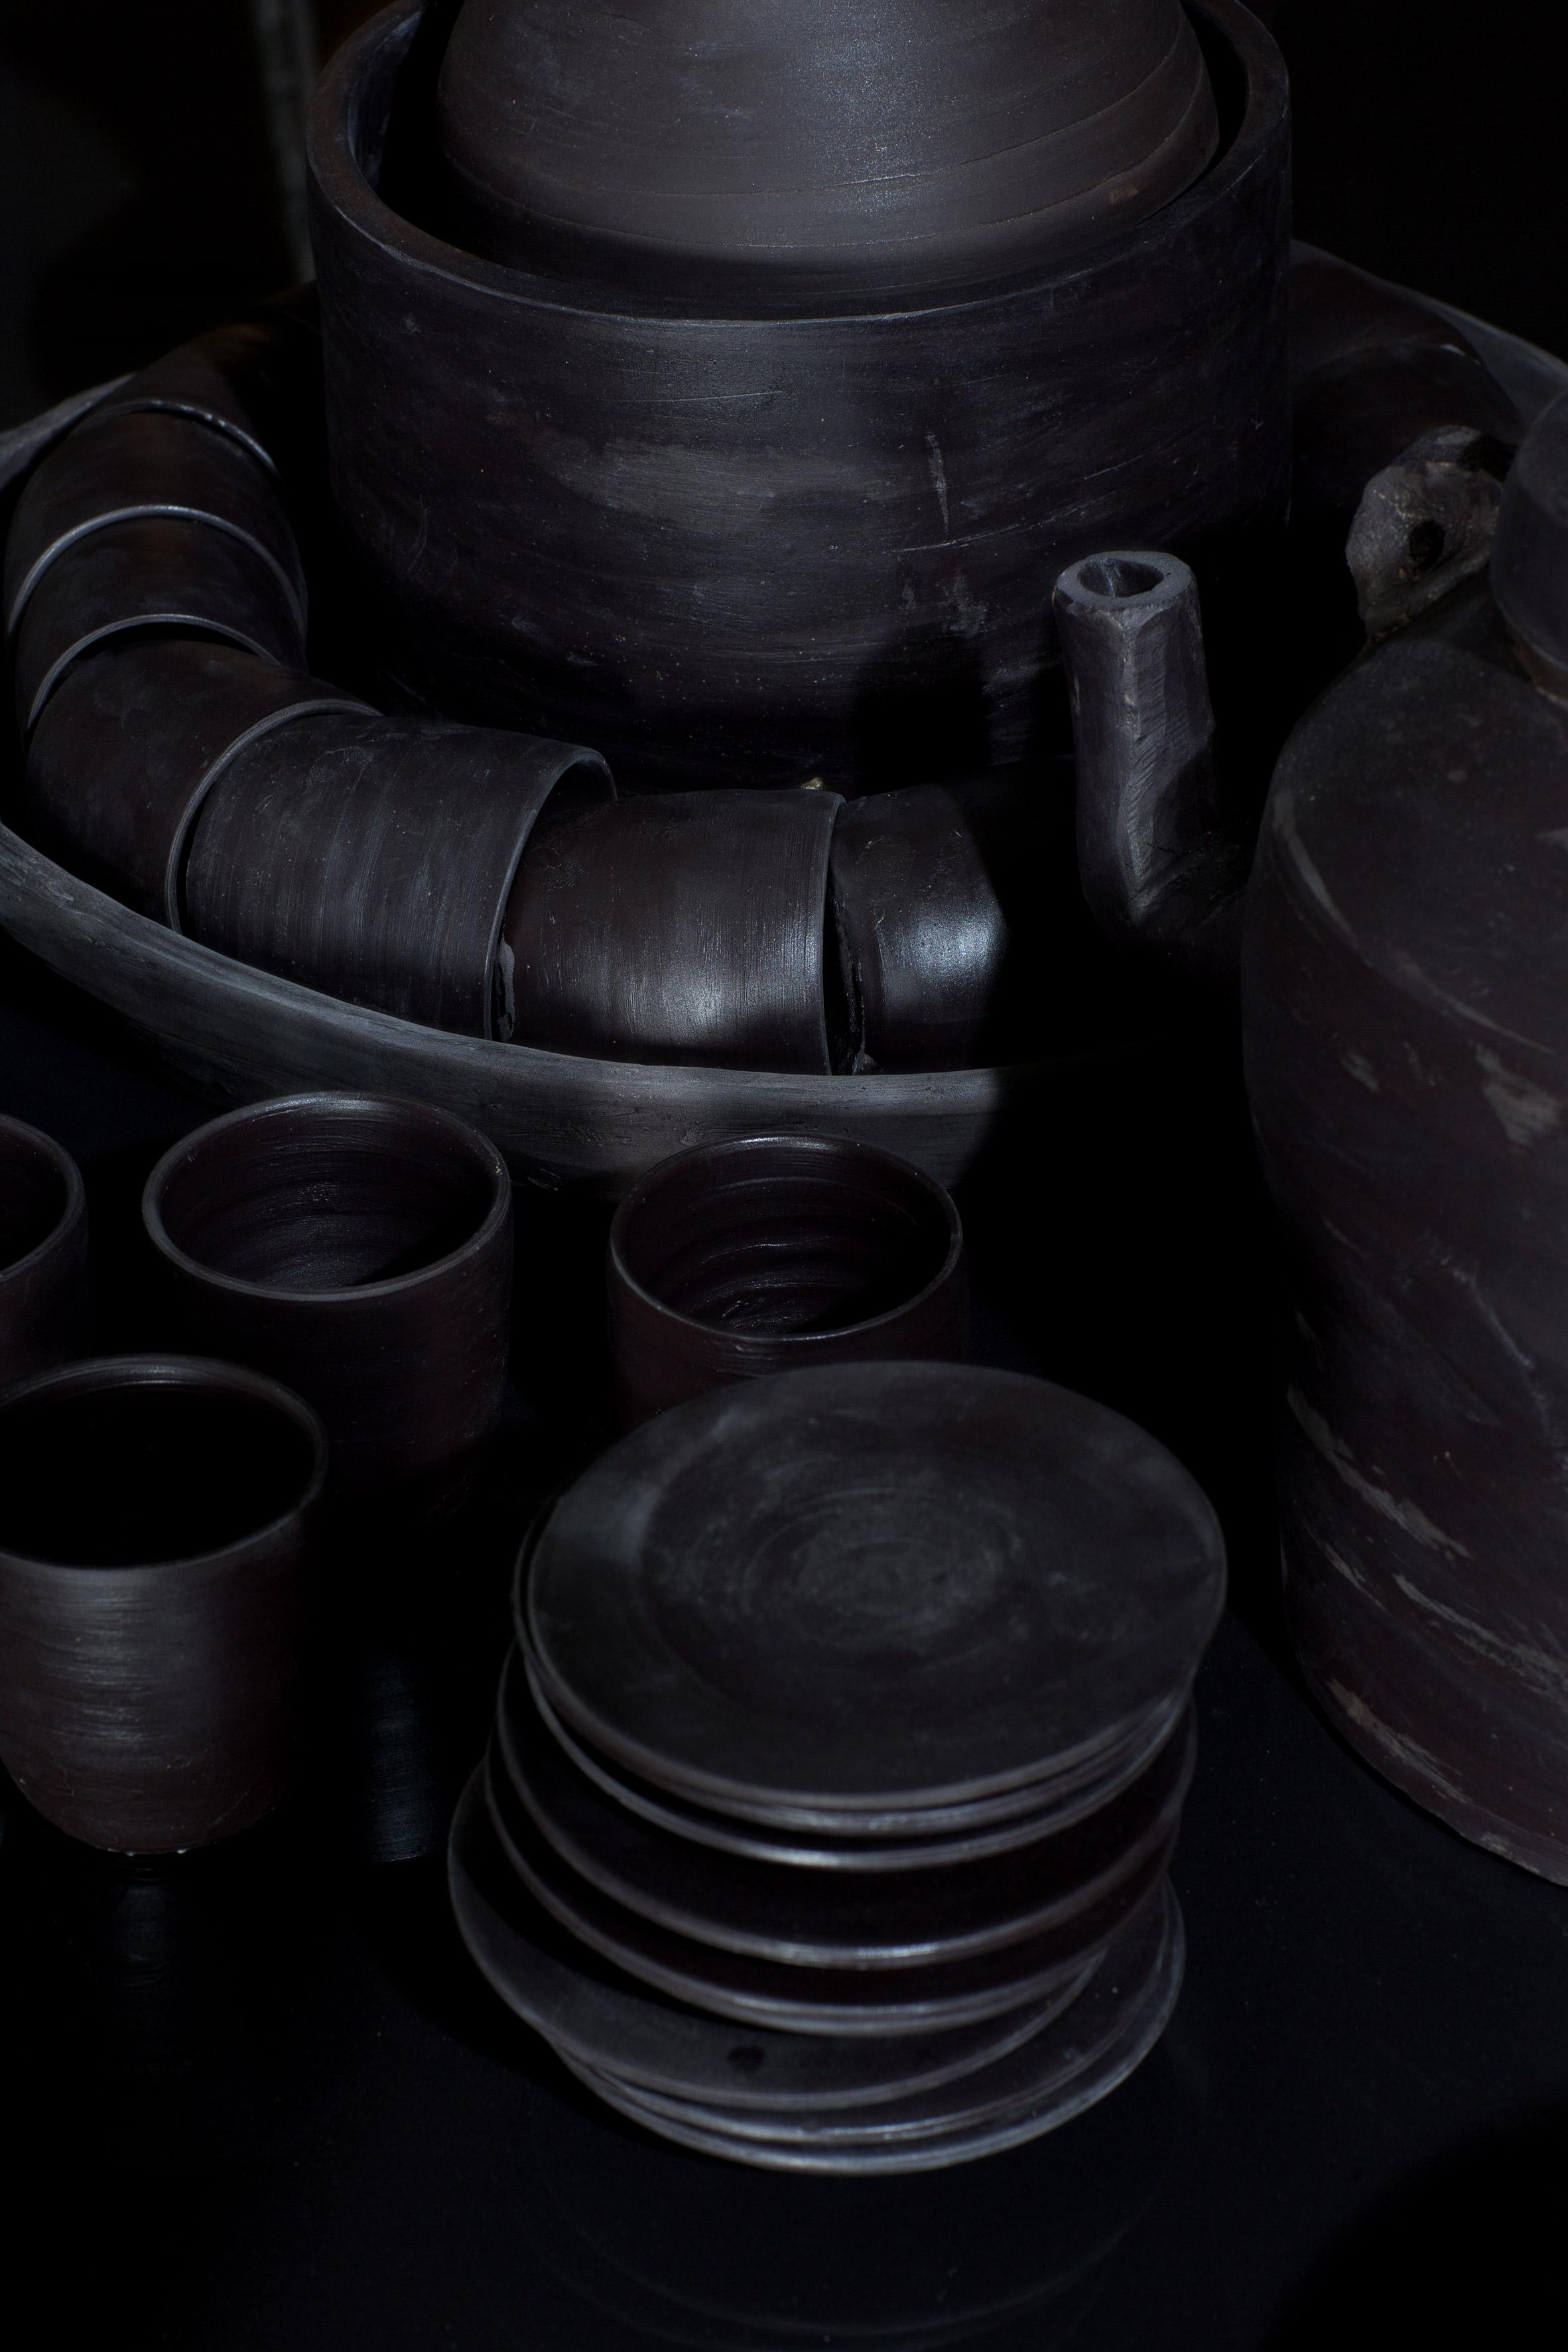 Xavier Mañosa sculpts entire kitchen from Cosentino's clay-like Dekton